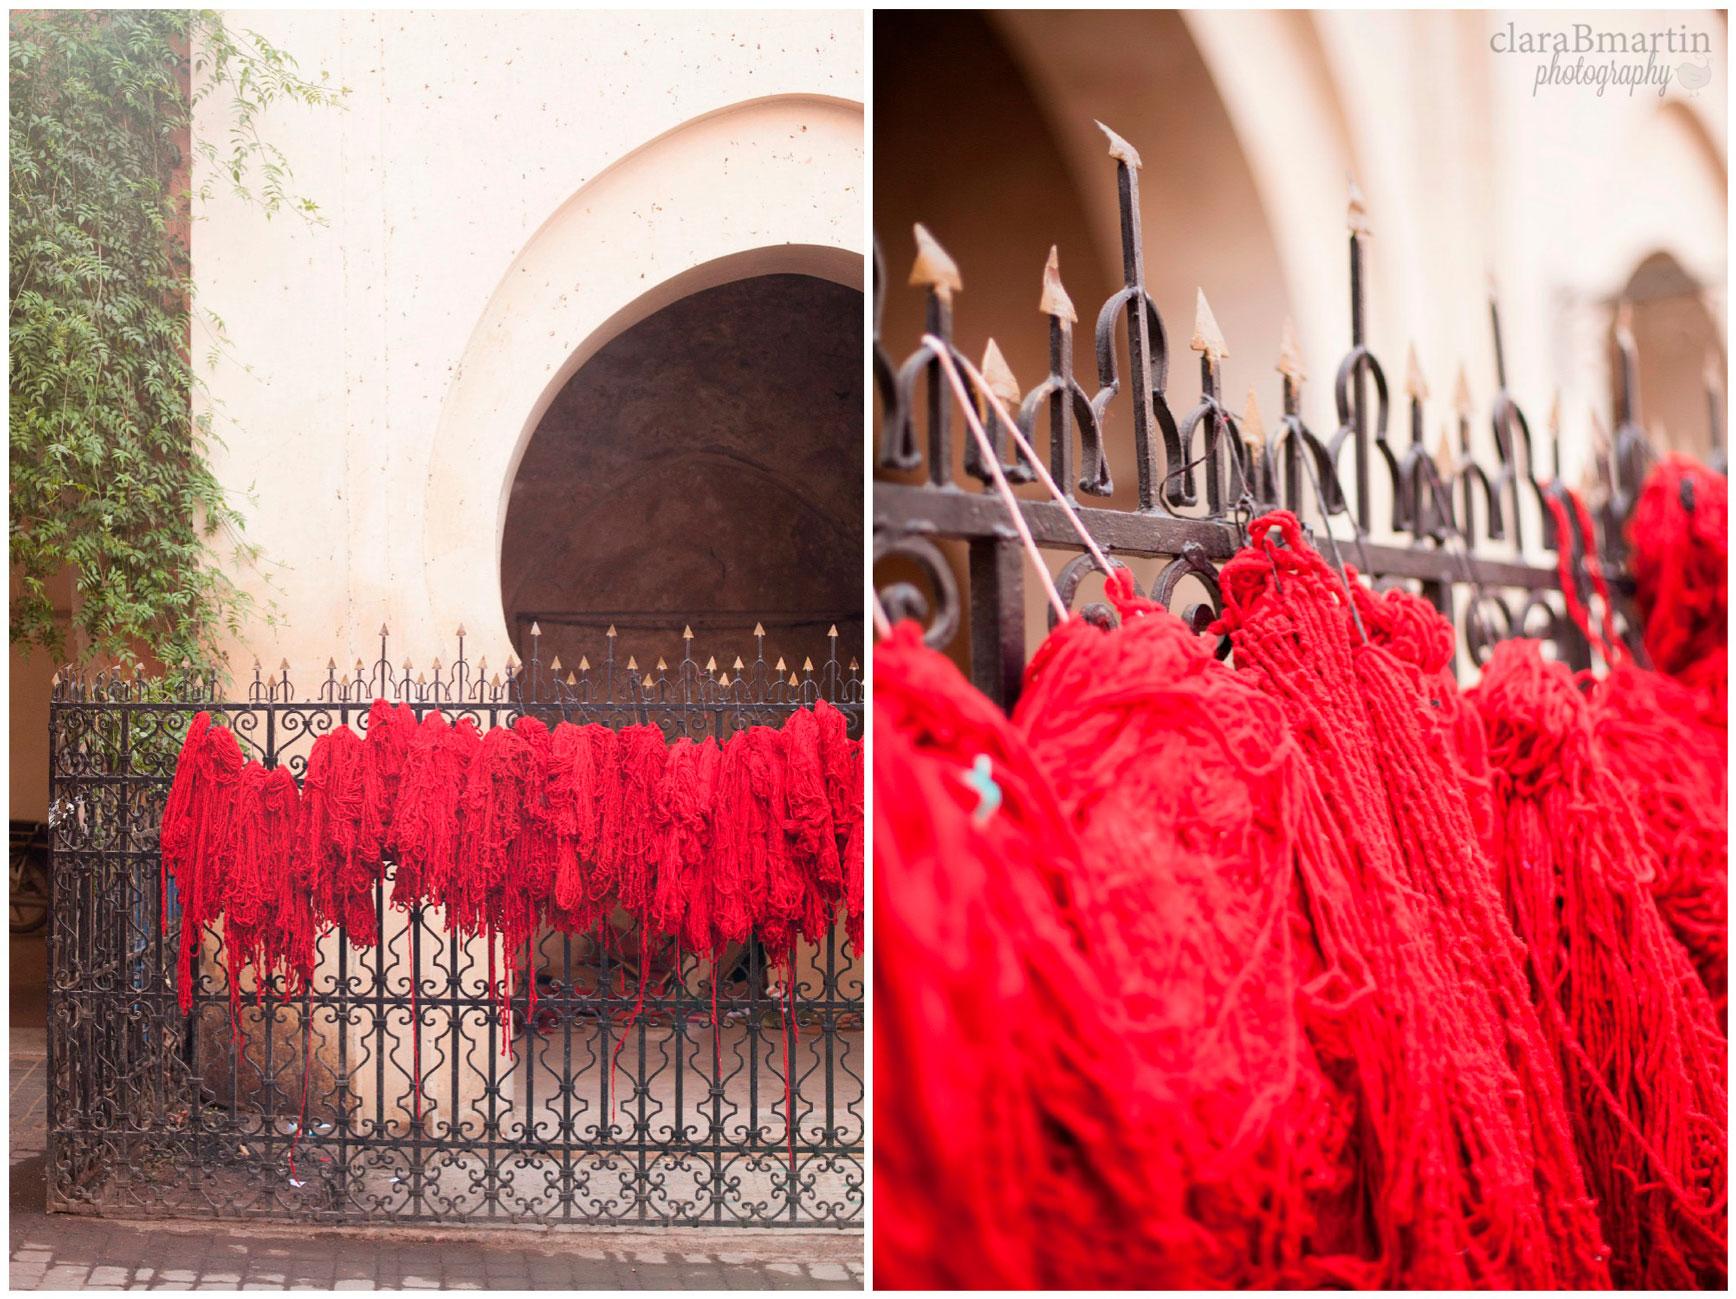 Marrakech_claraBmartin_28